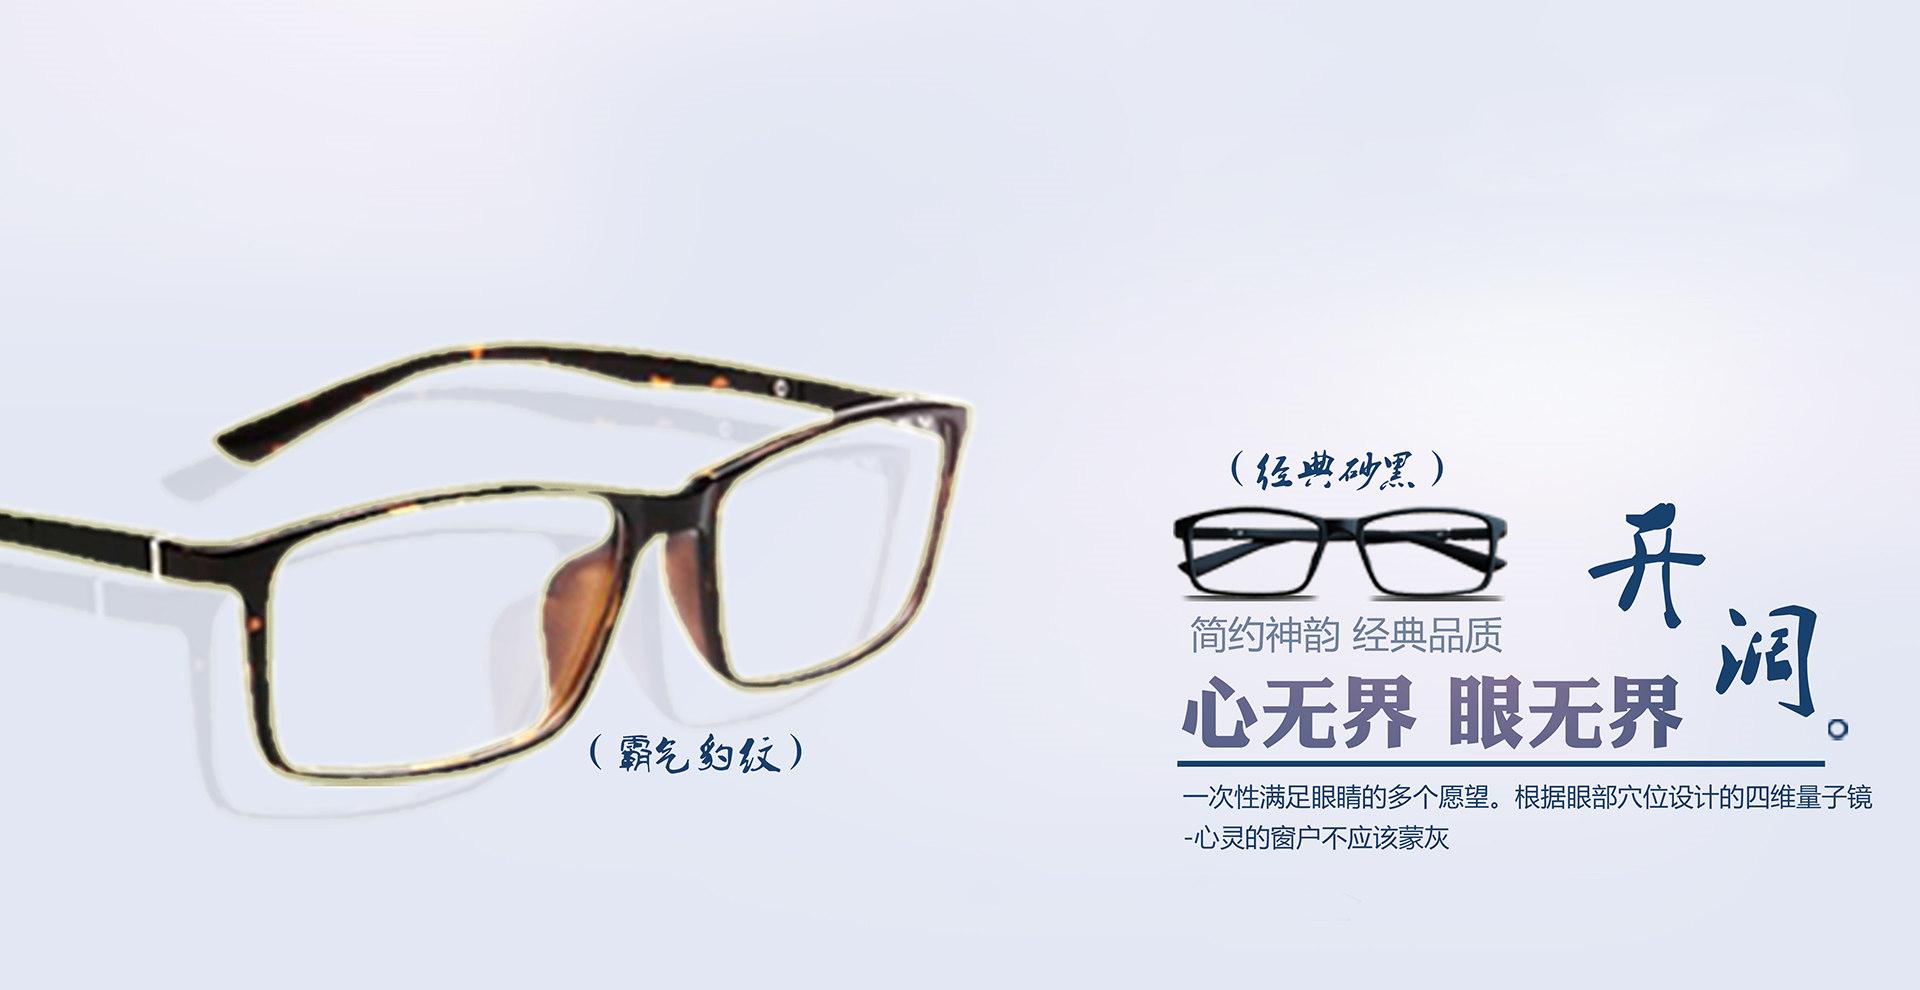 广州近视眼镜-尚壹视光眼镜店